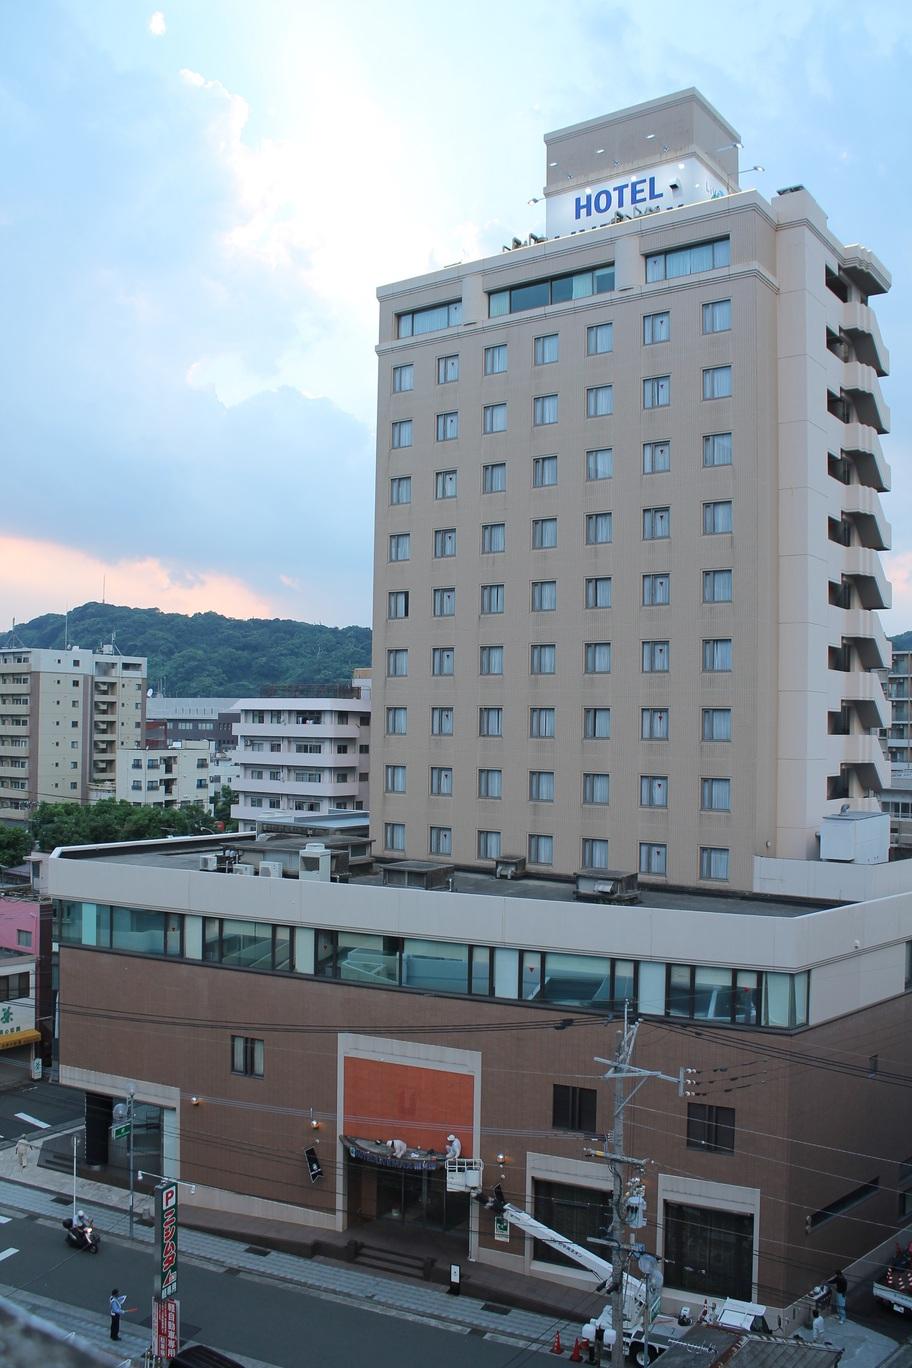 ホテルリブマックス鹿児島 image